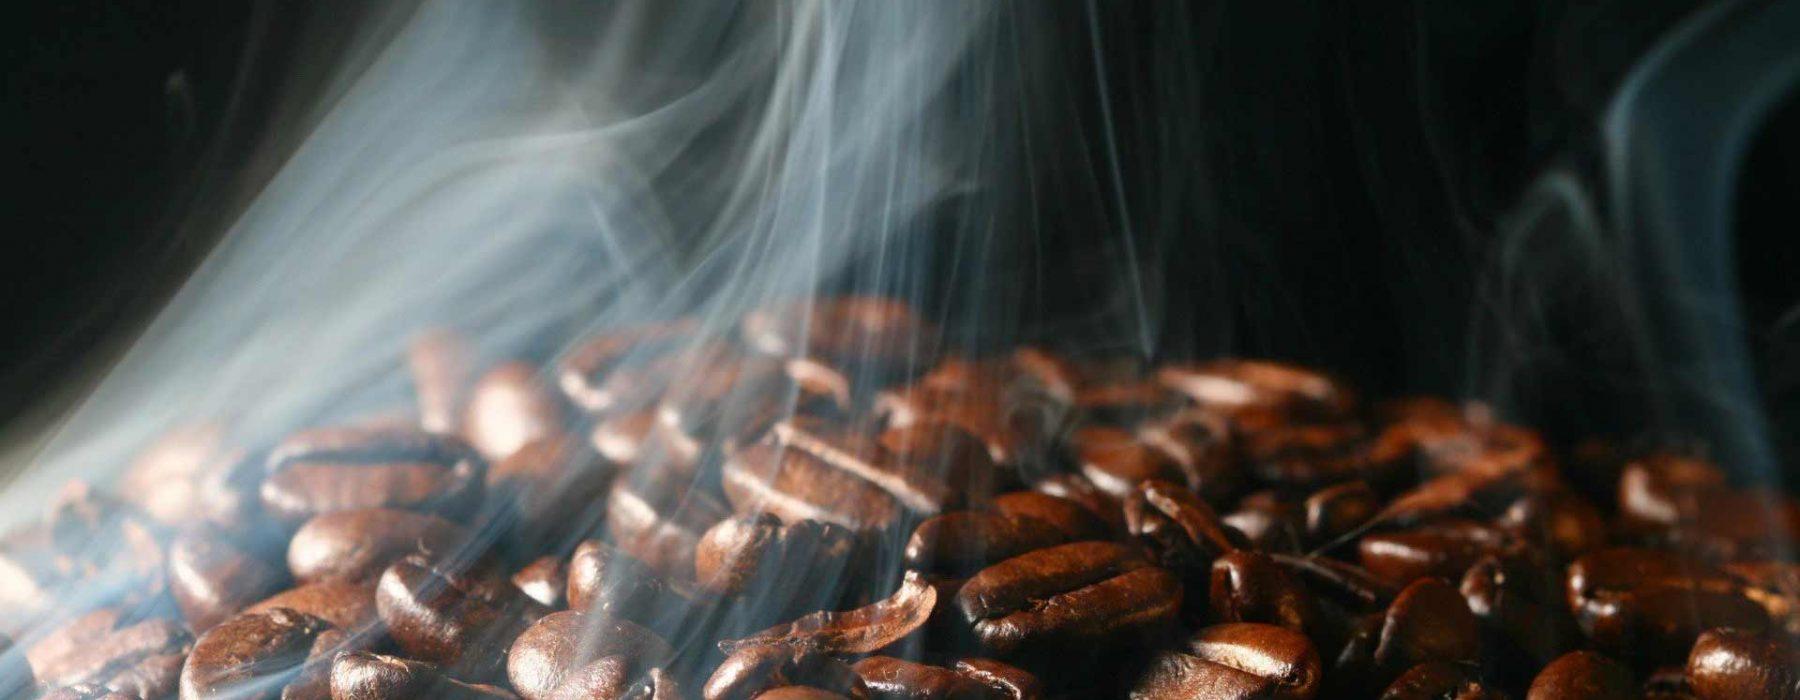 Dalla torrefazione artigianale il più autentico caffè italiano